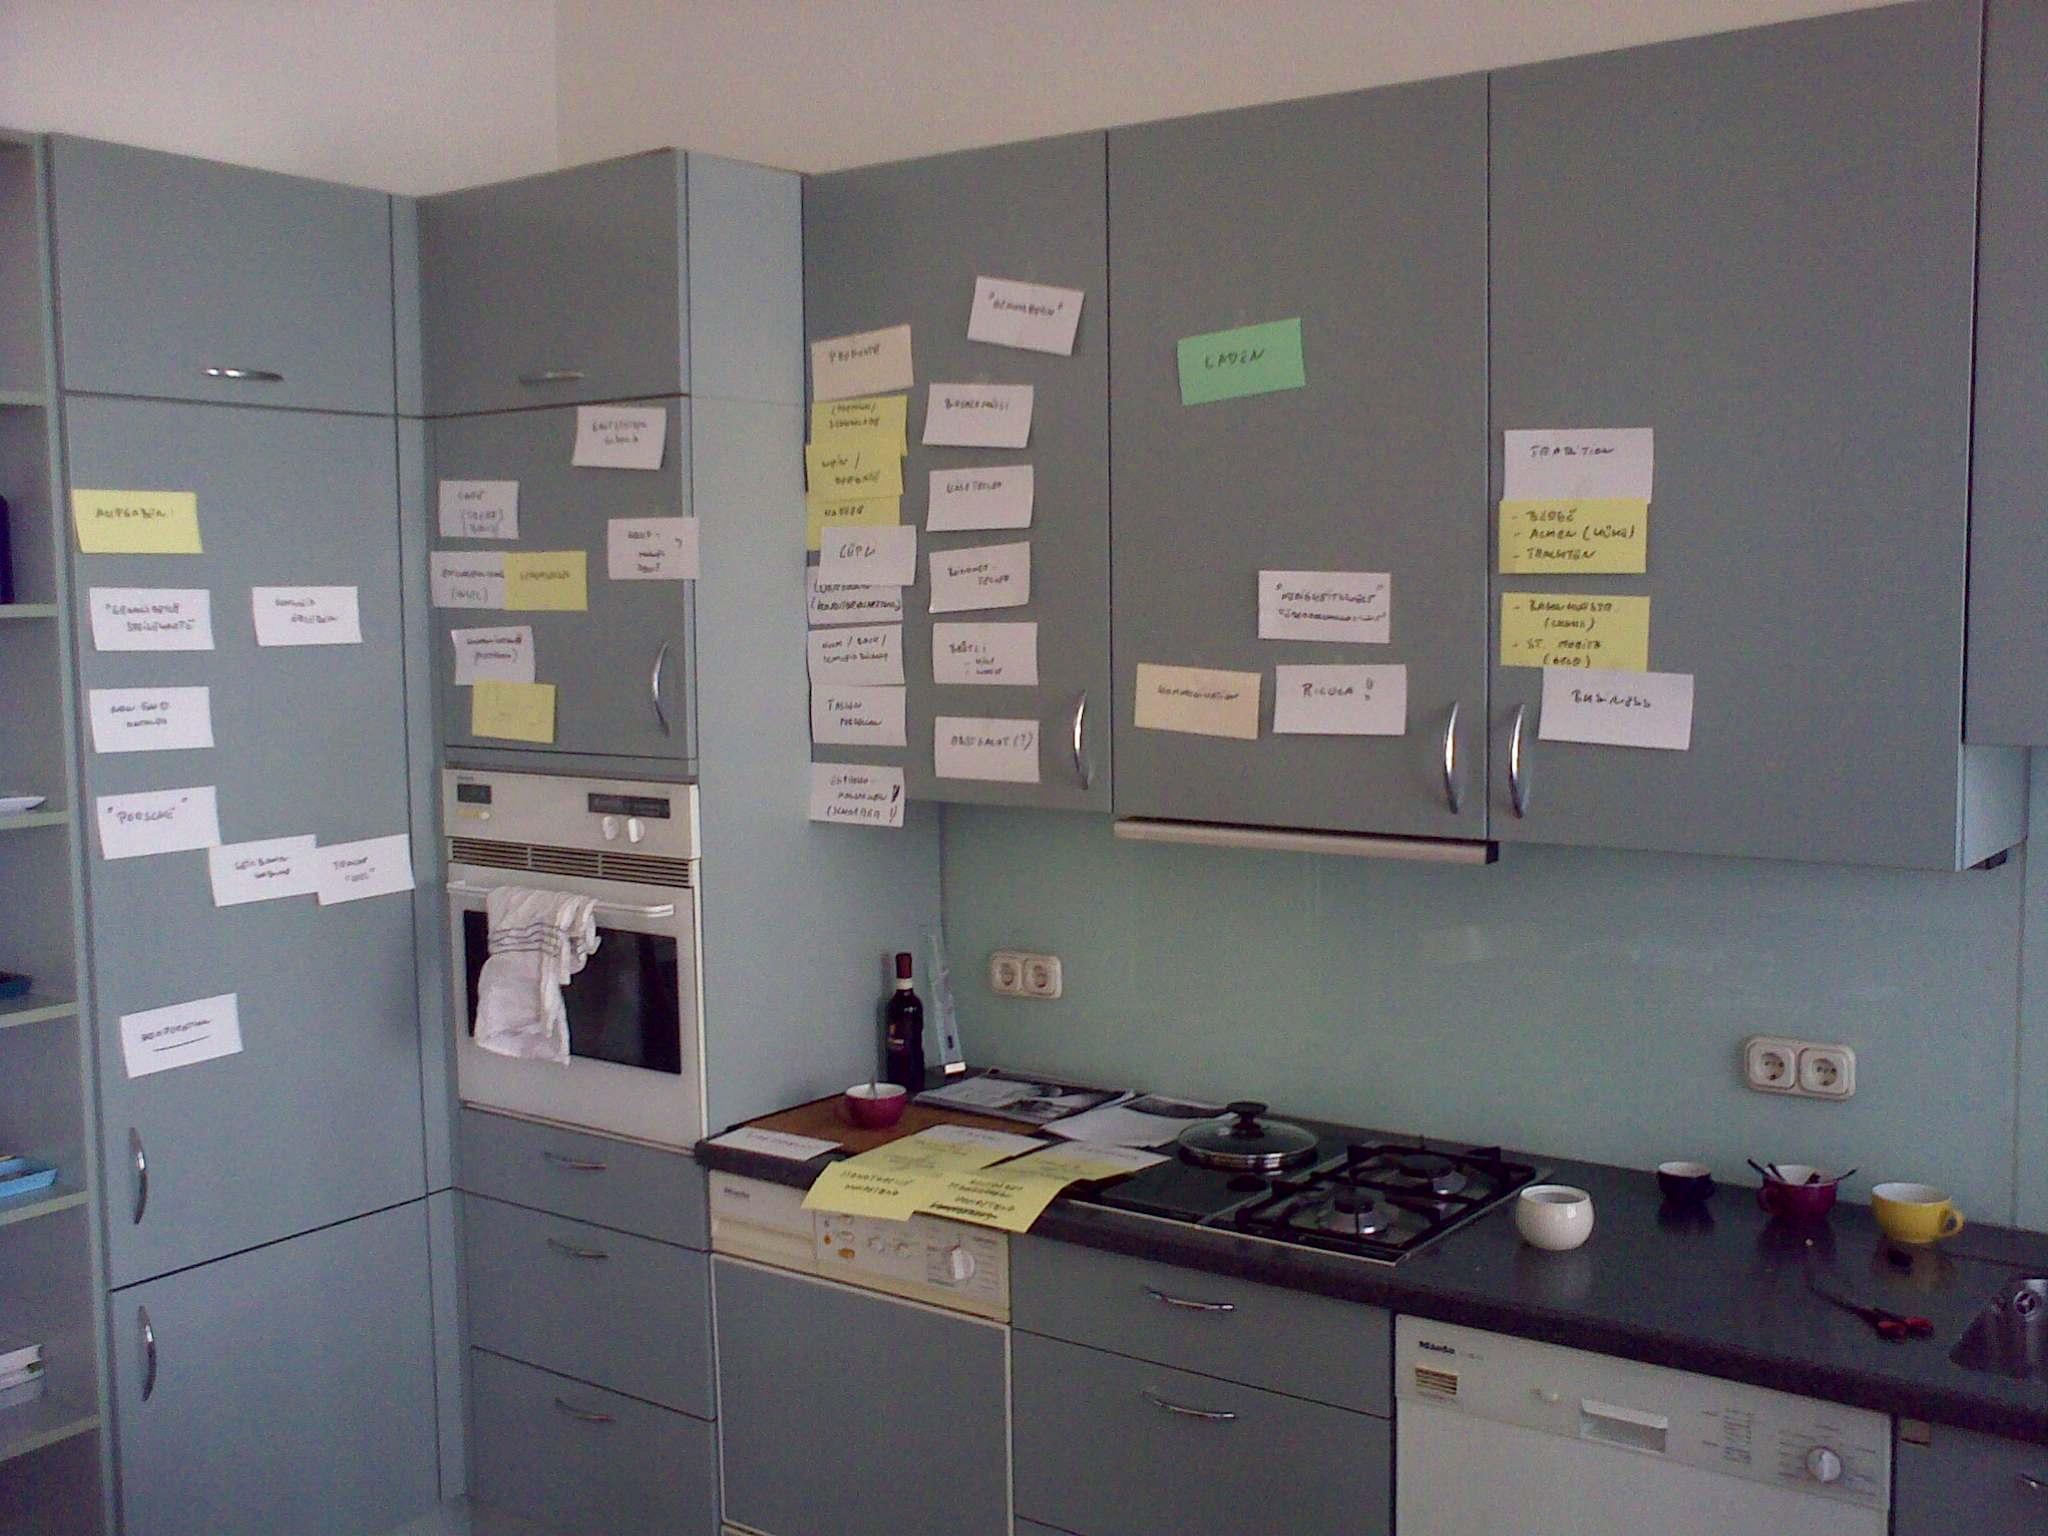 Markus' Küche während der Ausarbeitung unserer Positionierung